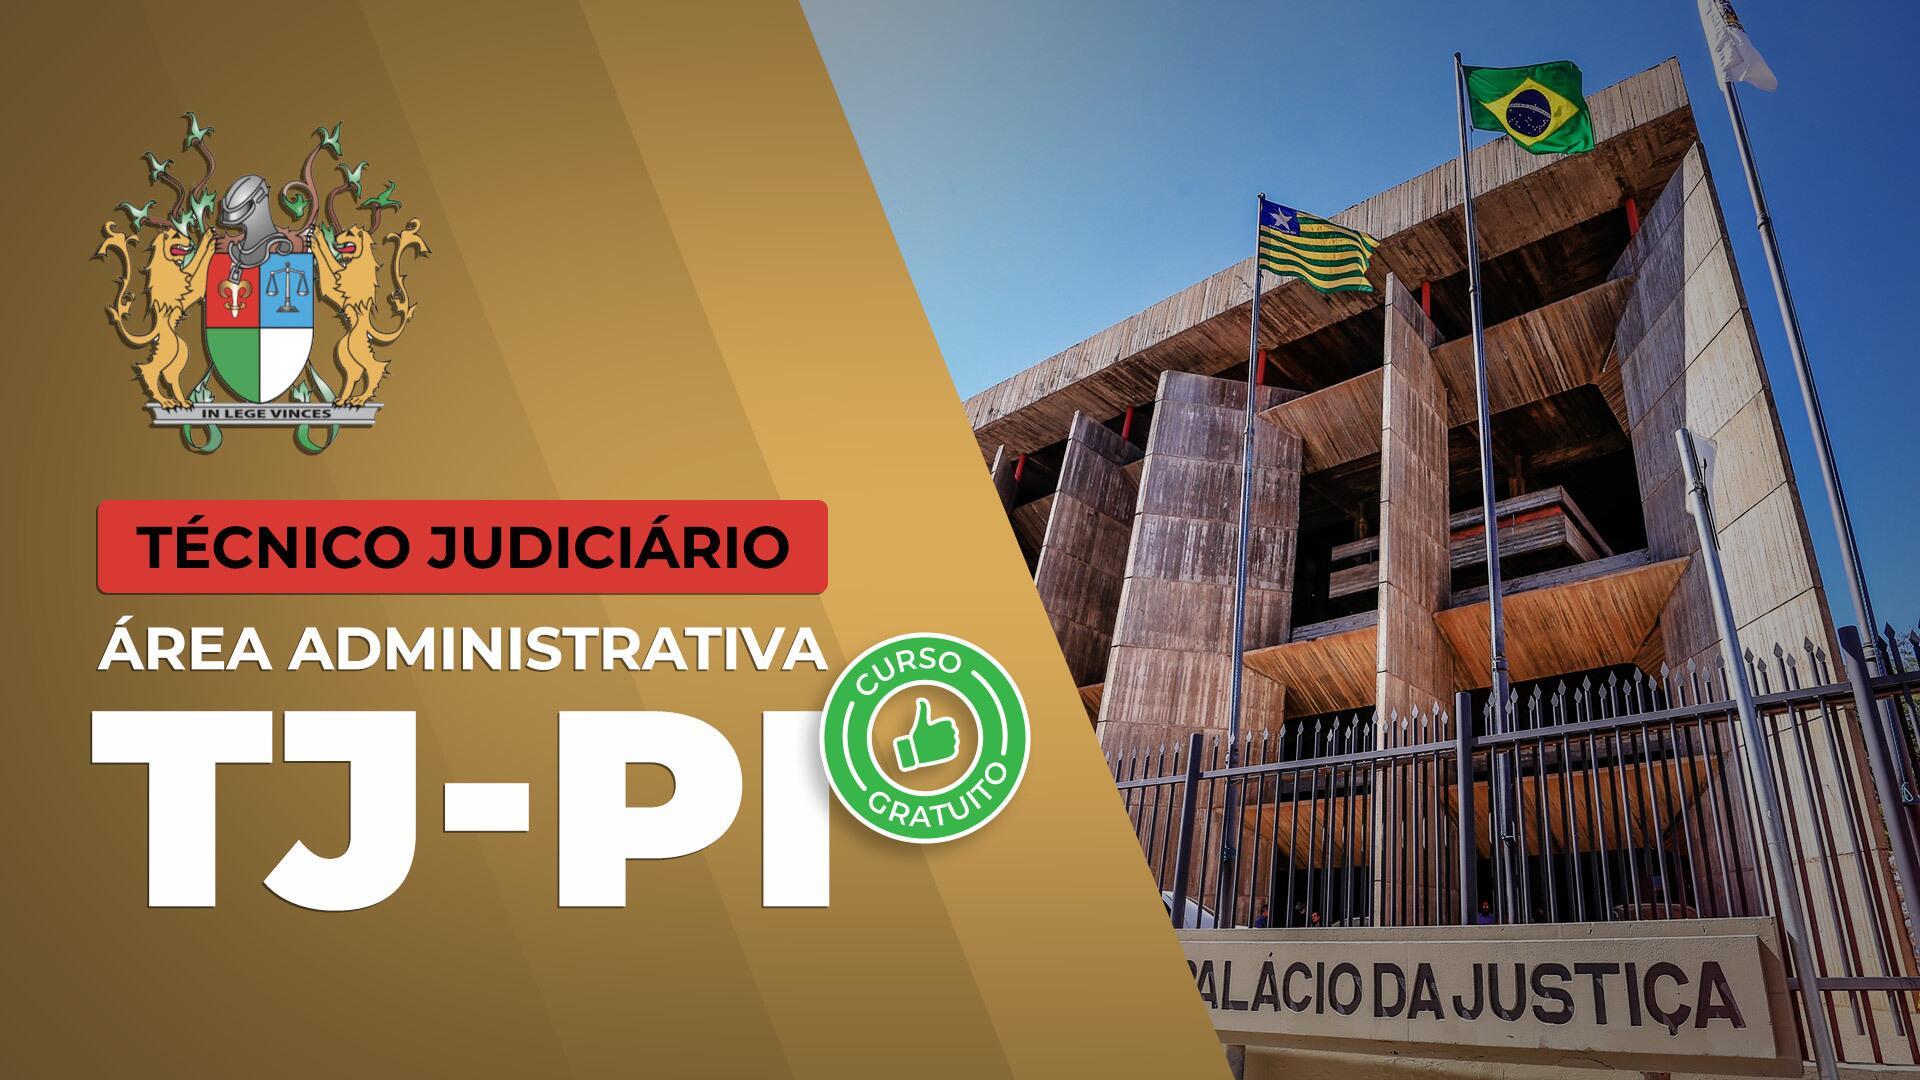 TJ PI - Técnico Judiciário - Área Administrativa do Tribunal de Justiça do Piauí - GRATUITO